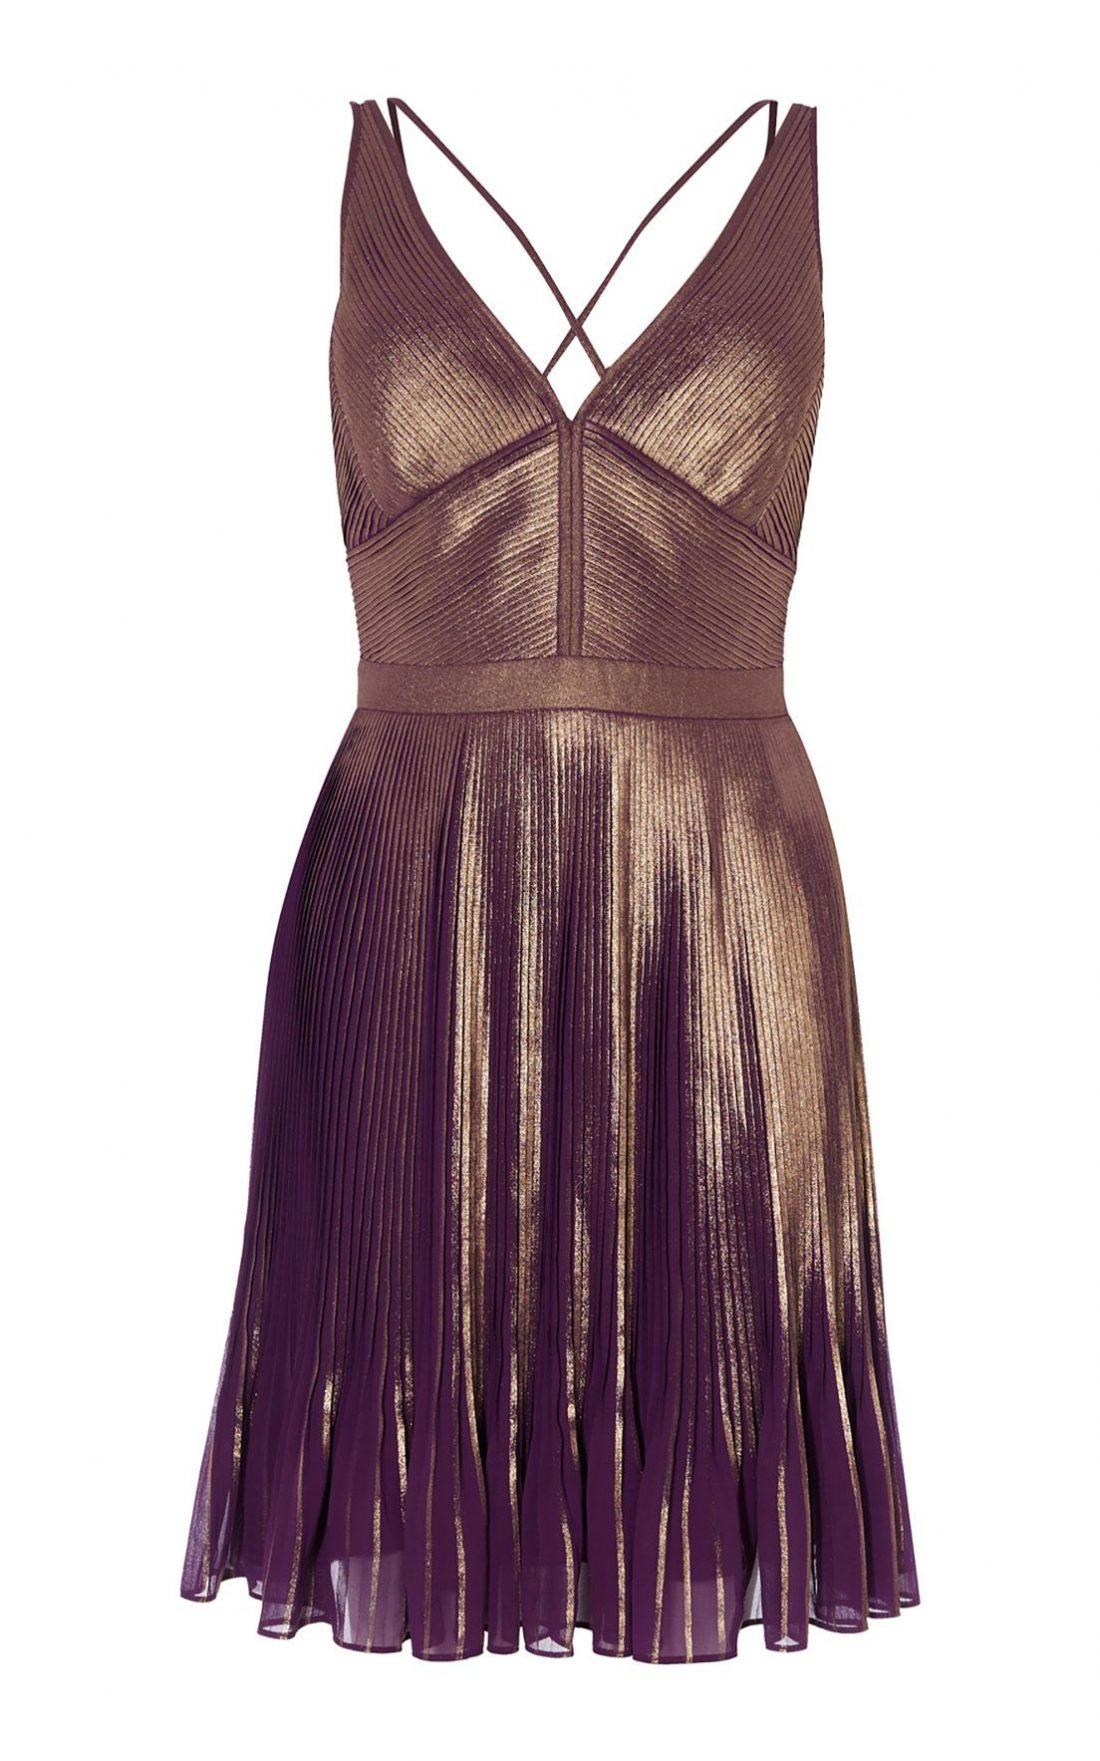 20 festive party dresses